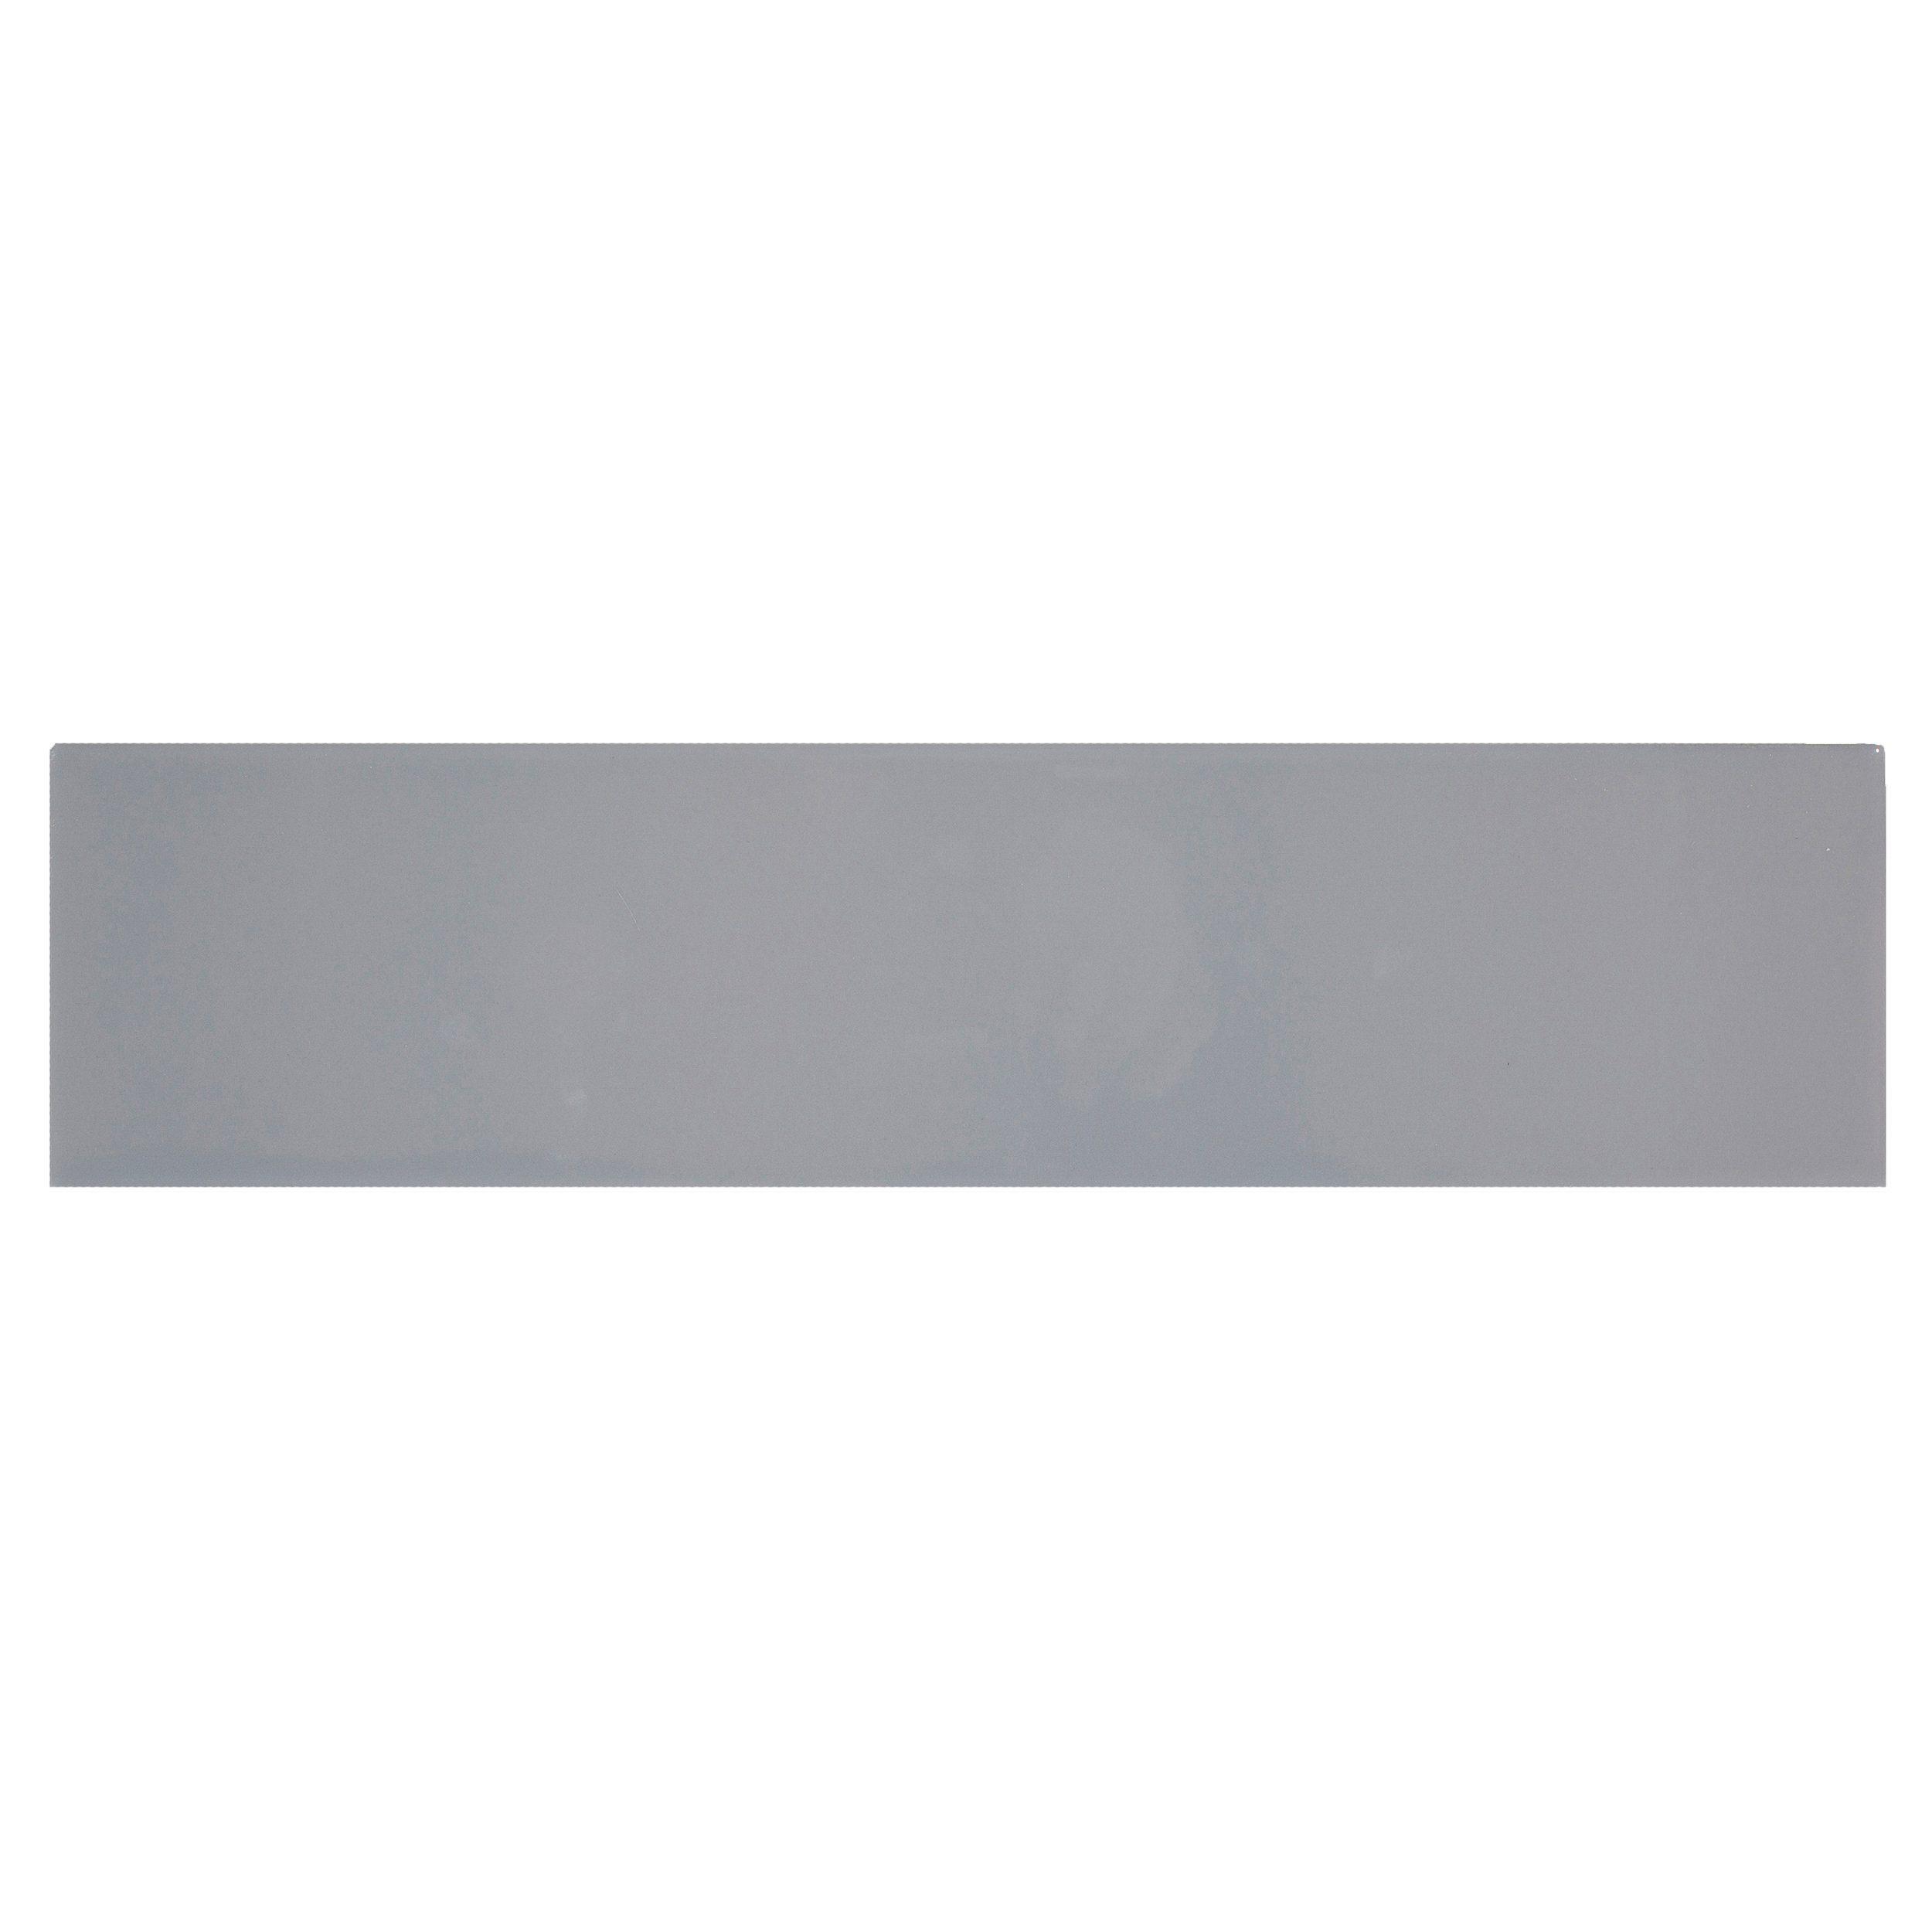 Slate Gray Ceramic Tile Ceramic Wall Tiles White Wall